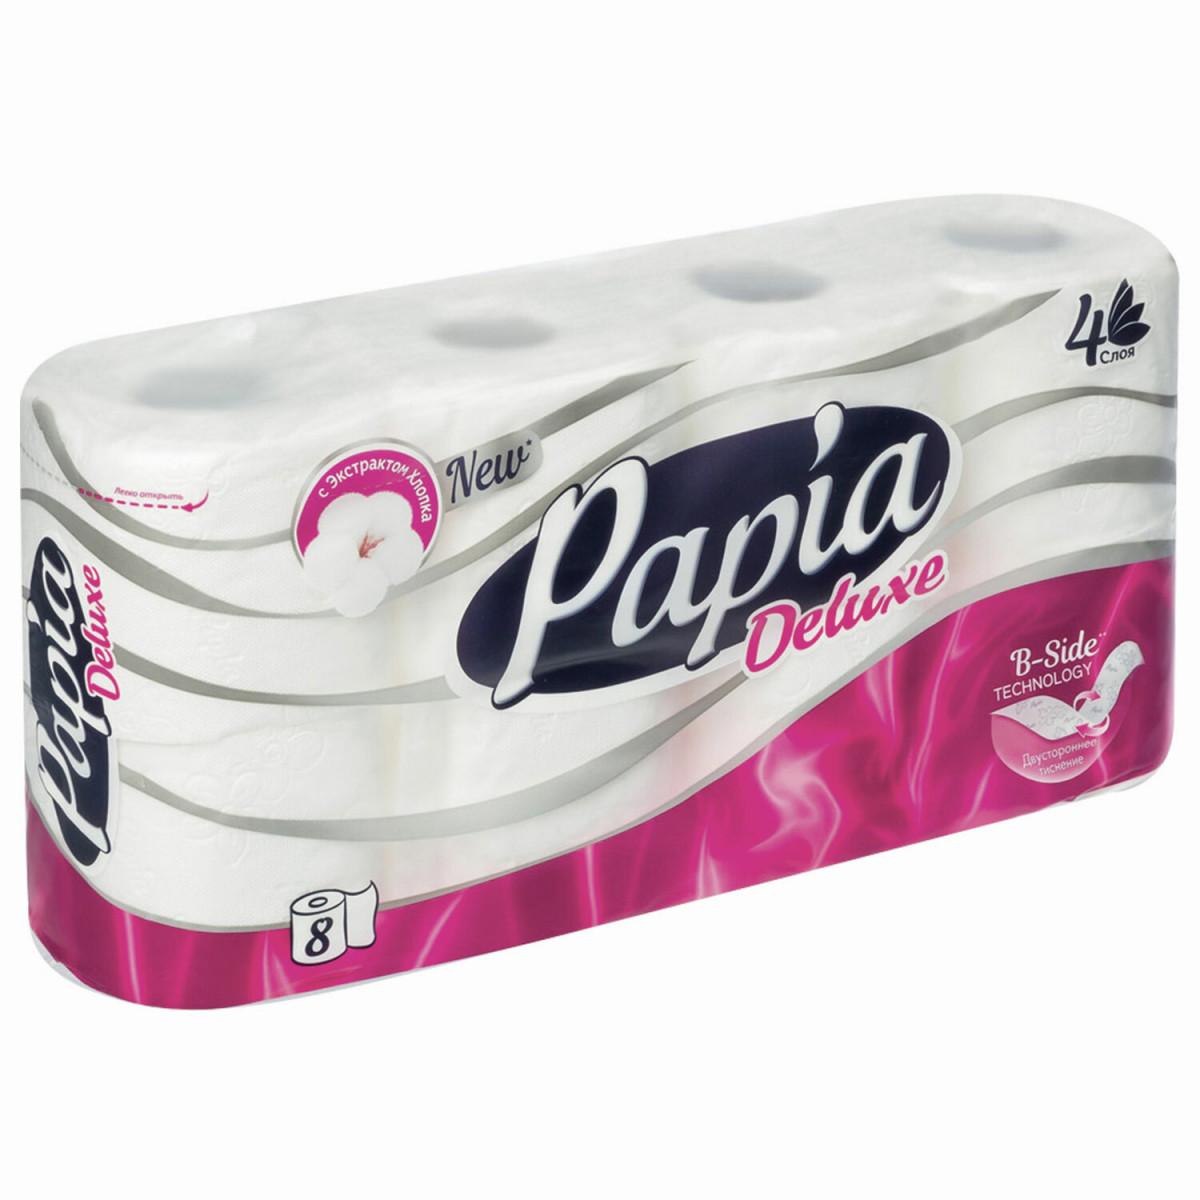 Бумага туалетная бытовая, спайка 8 шт., 4-слойная (8х16 м), PAPIA DELUXE, белая, 5062173 (арт. 5062173)